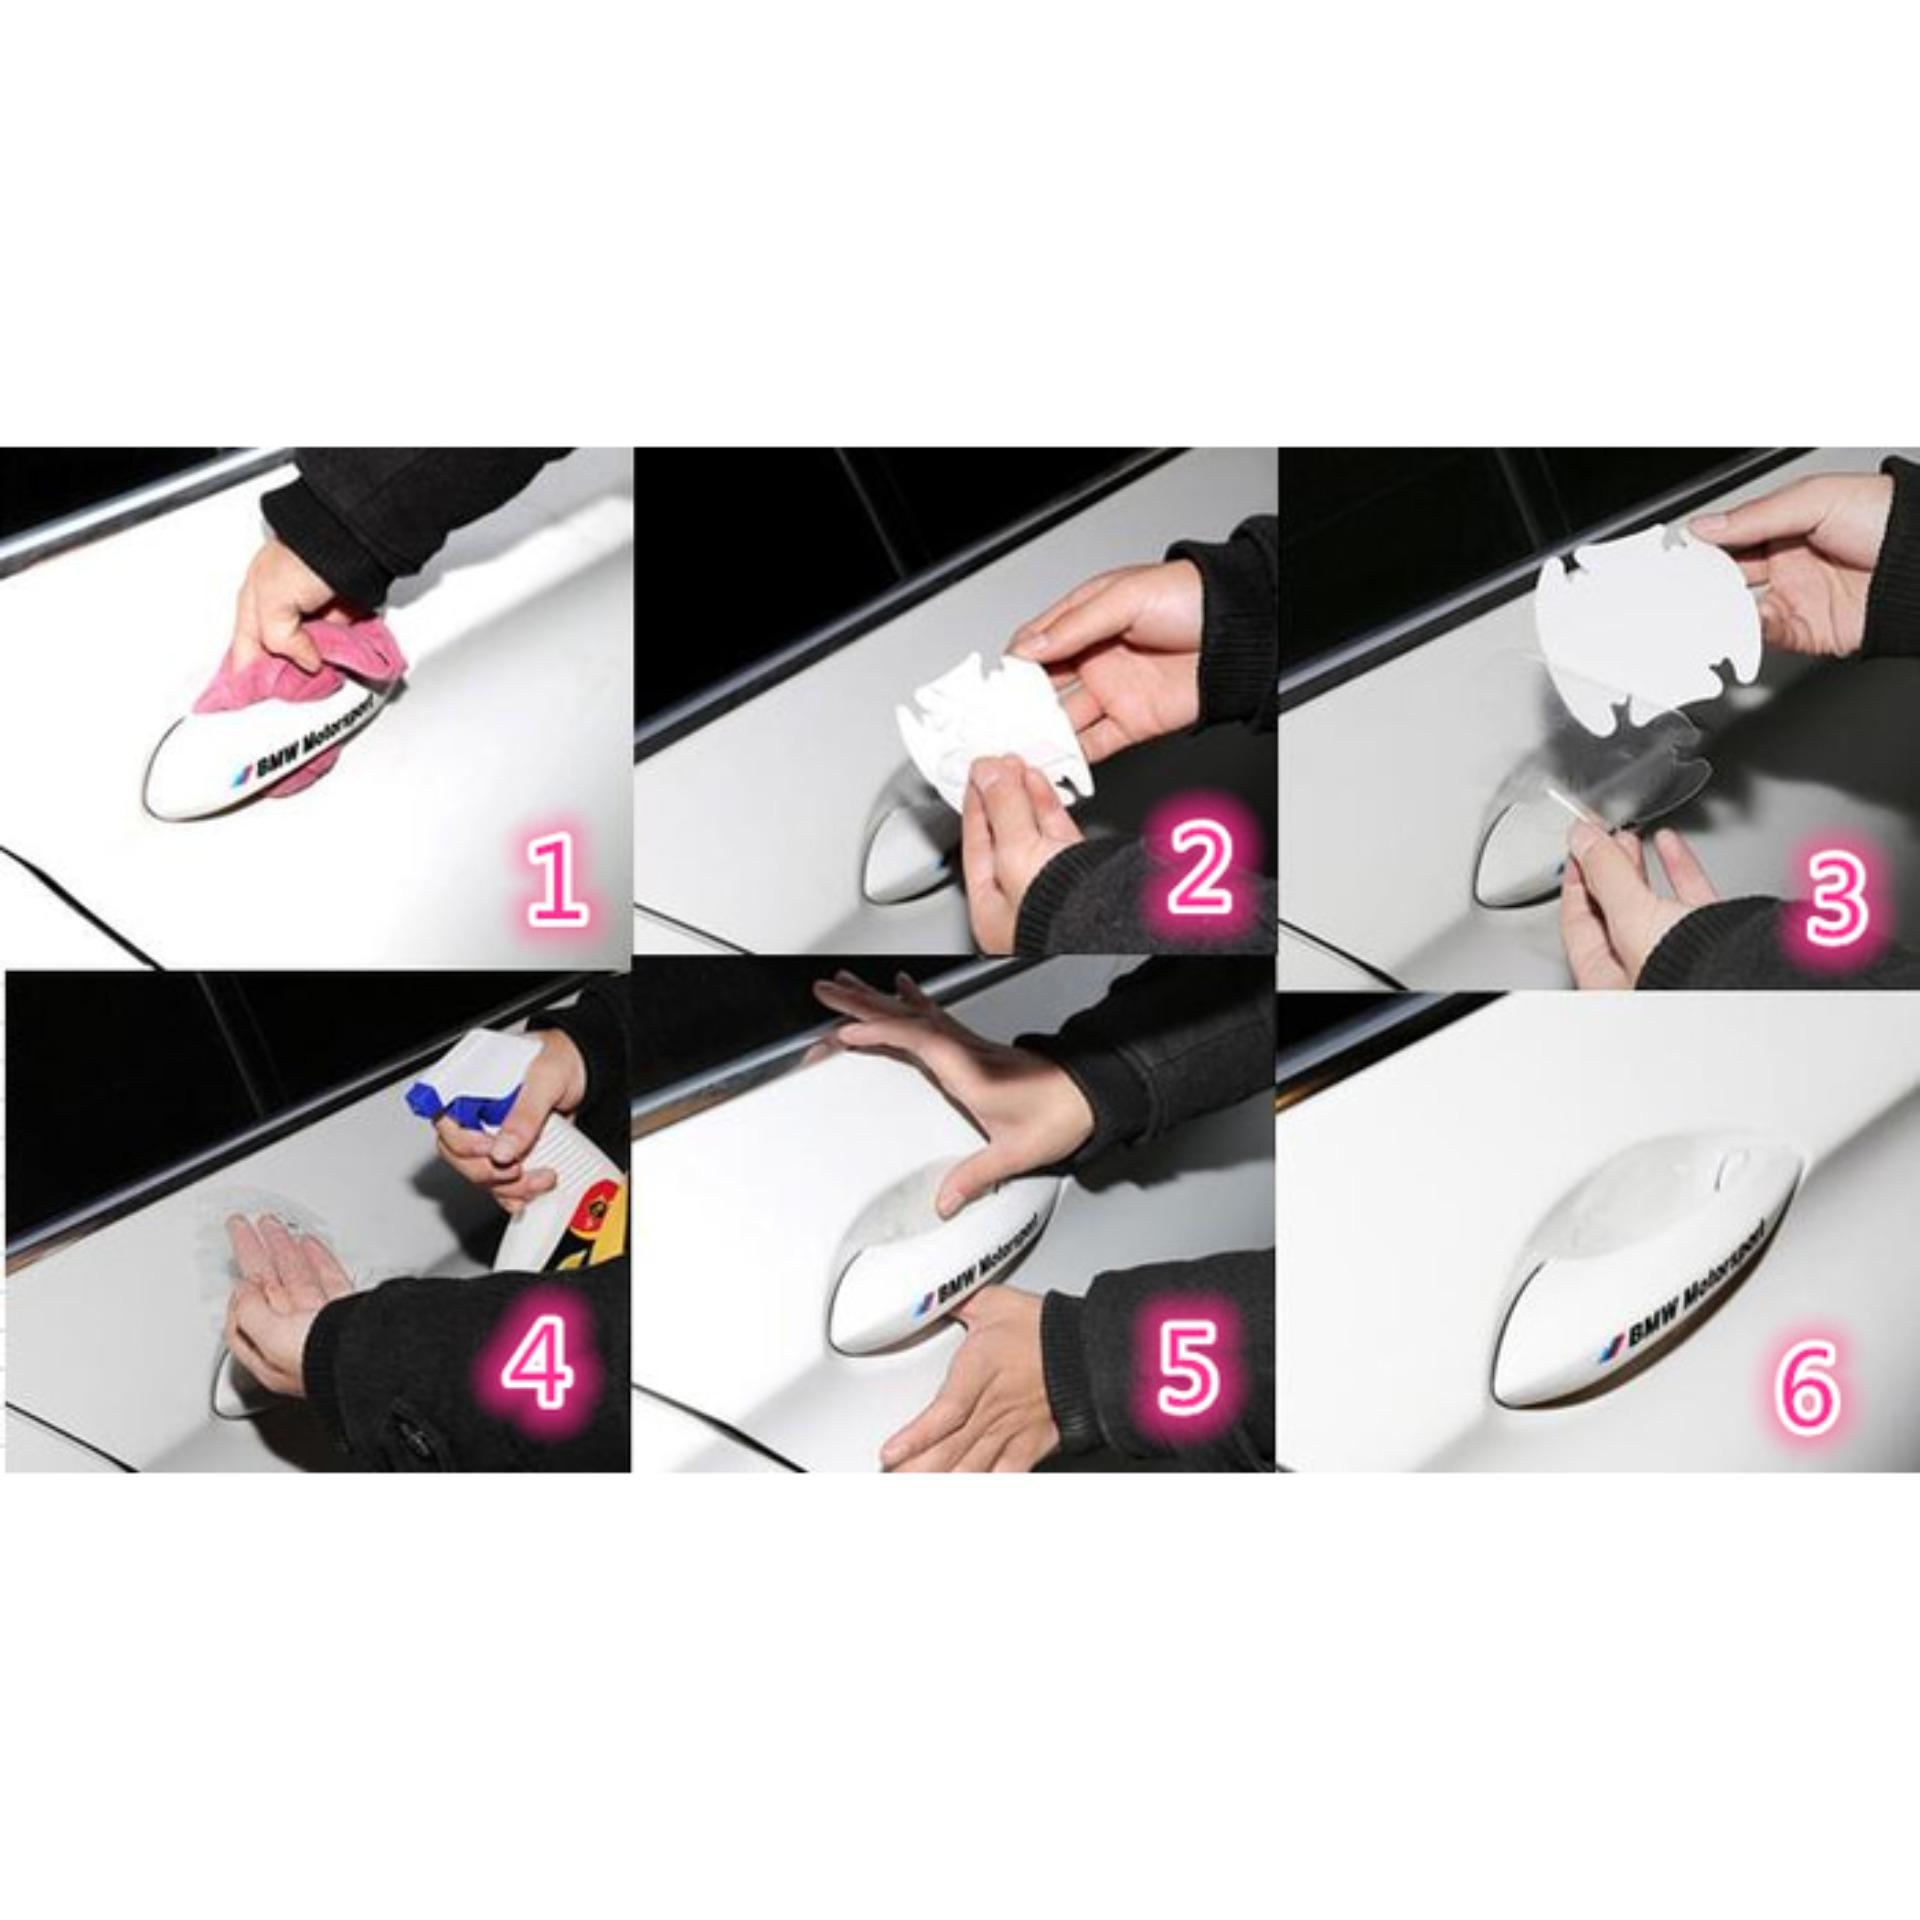 LARS - Pelindung Pintu / Anti Gores Mobil / Car Door Protector isi .